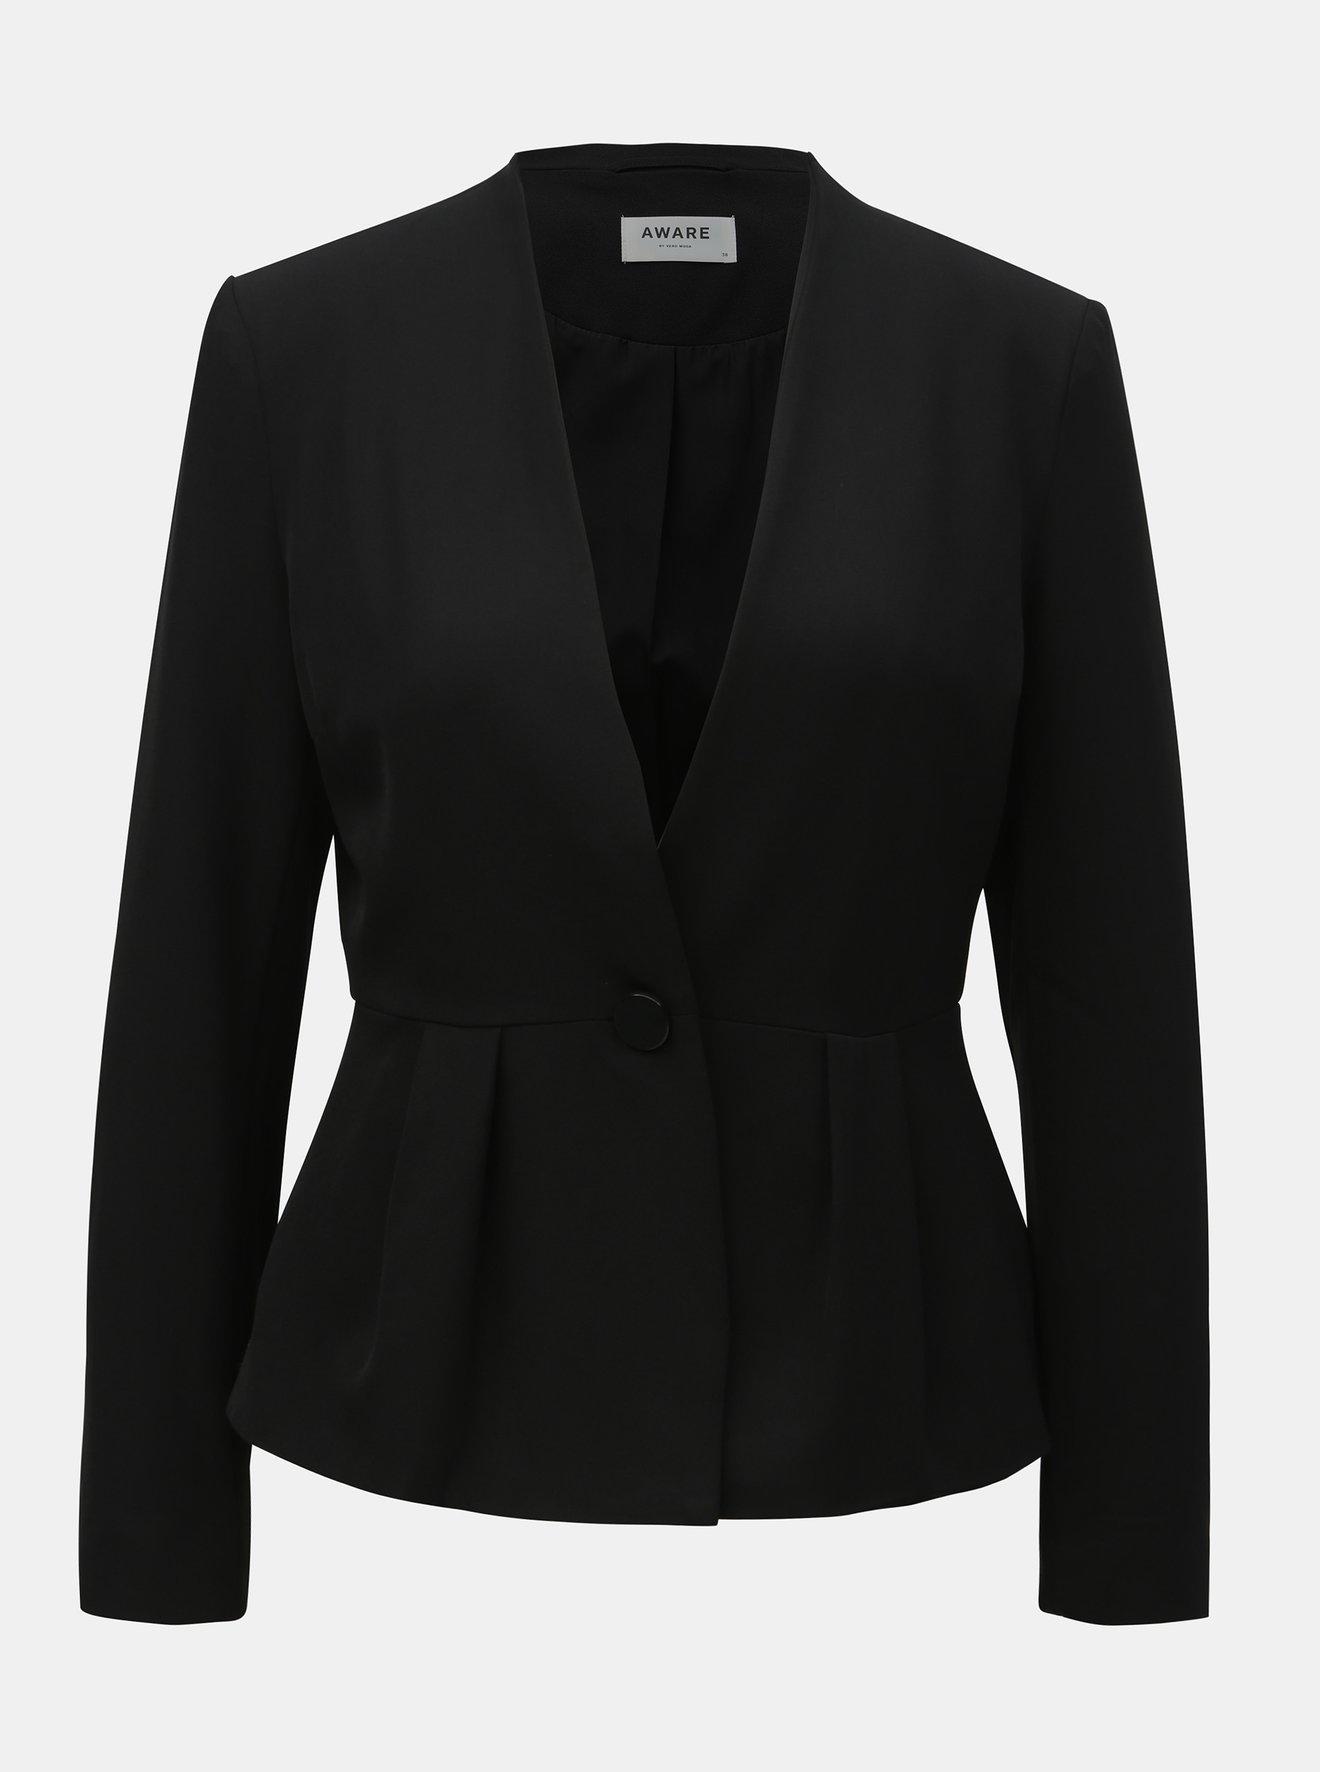 Černé kostýmové sako VERO MODA AWARE Gemma